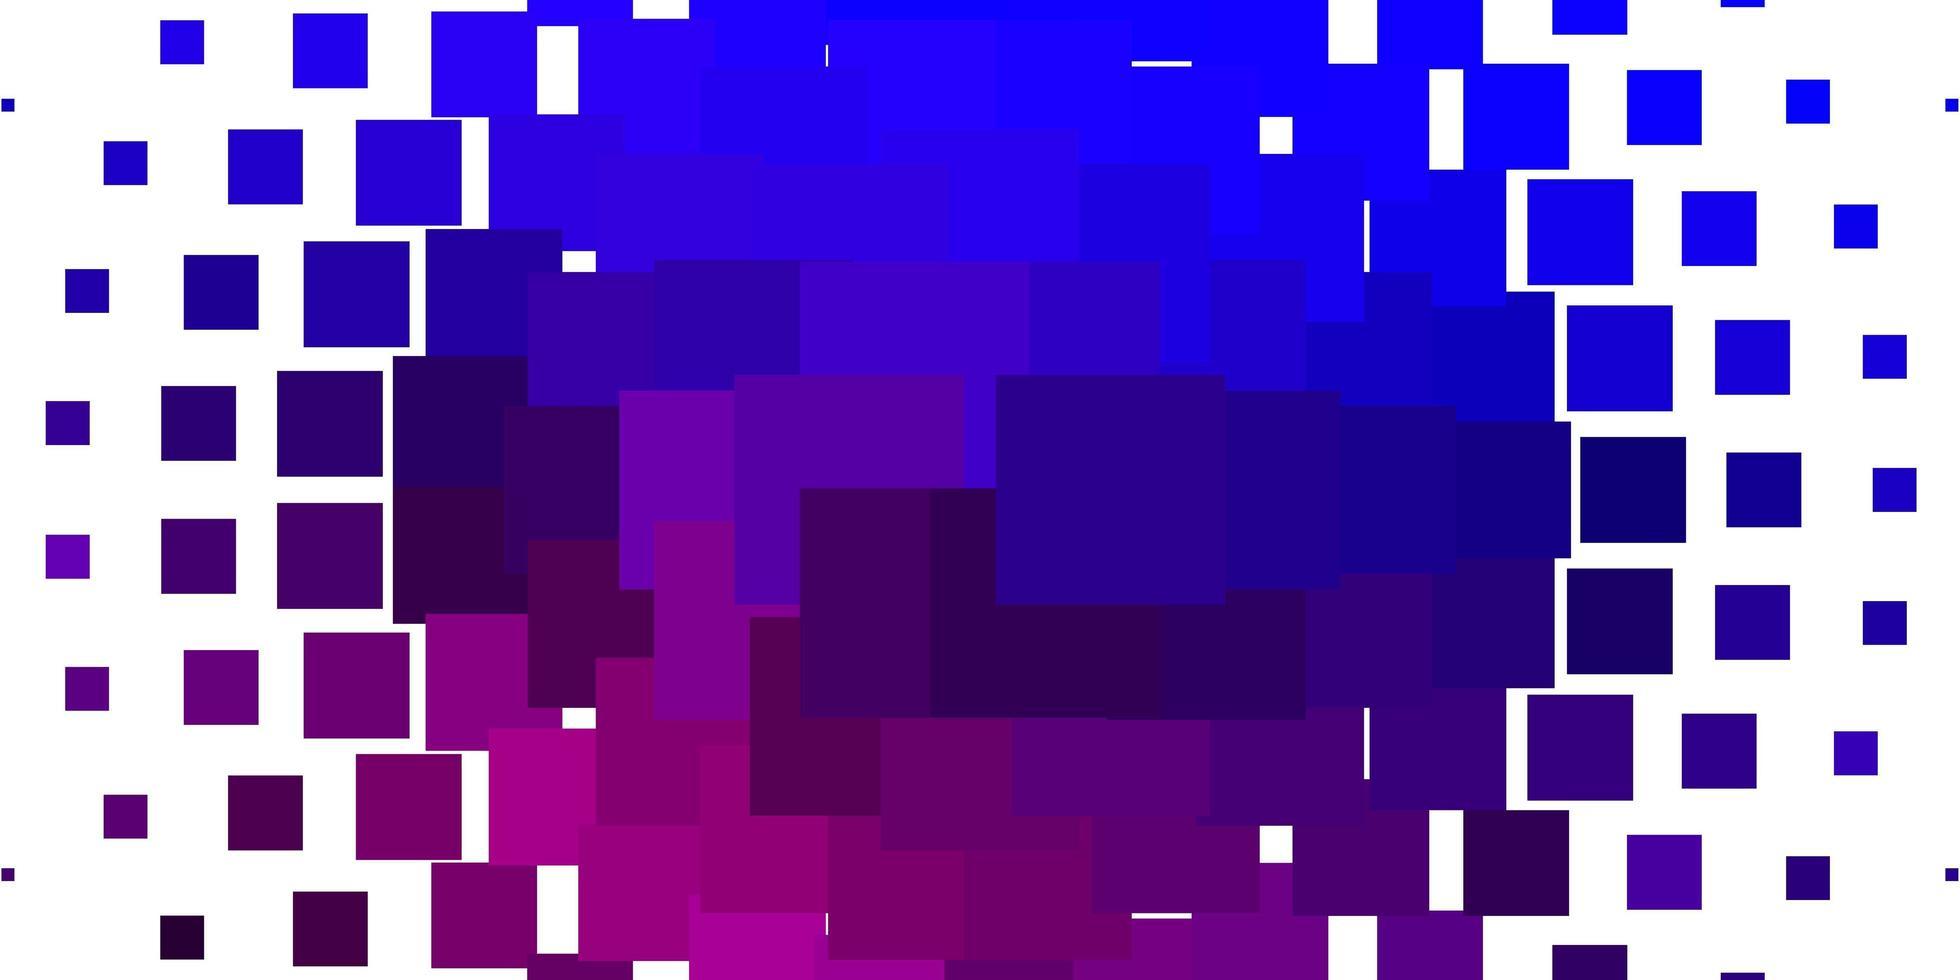 sfondo vettoriale azzurro, rosso con rettangoli.